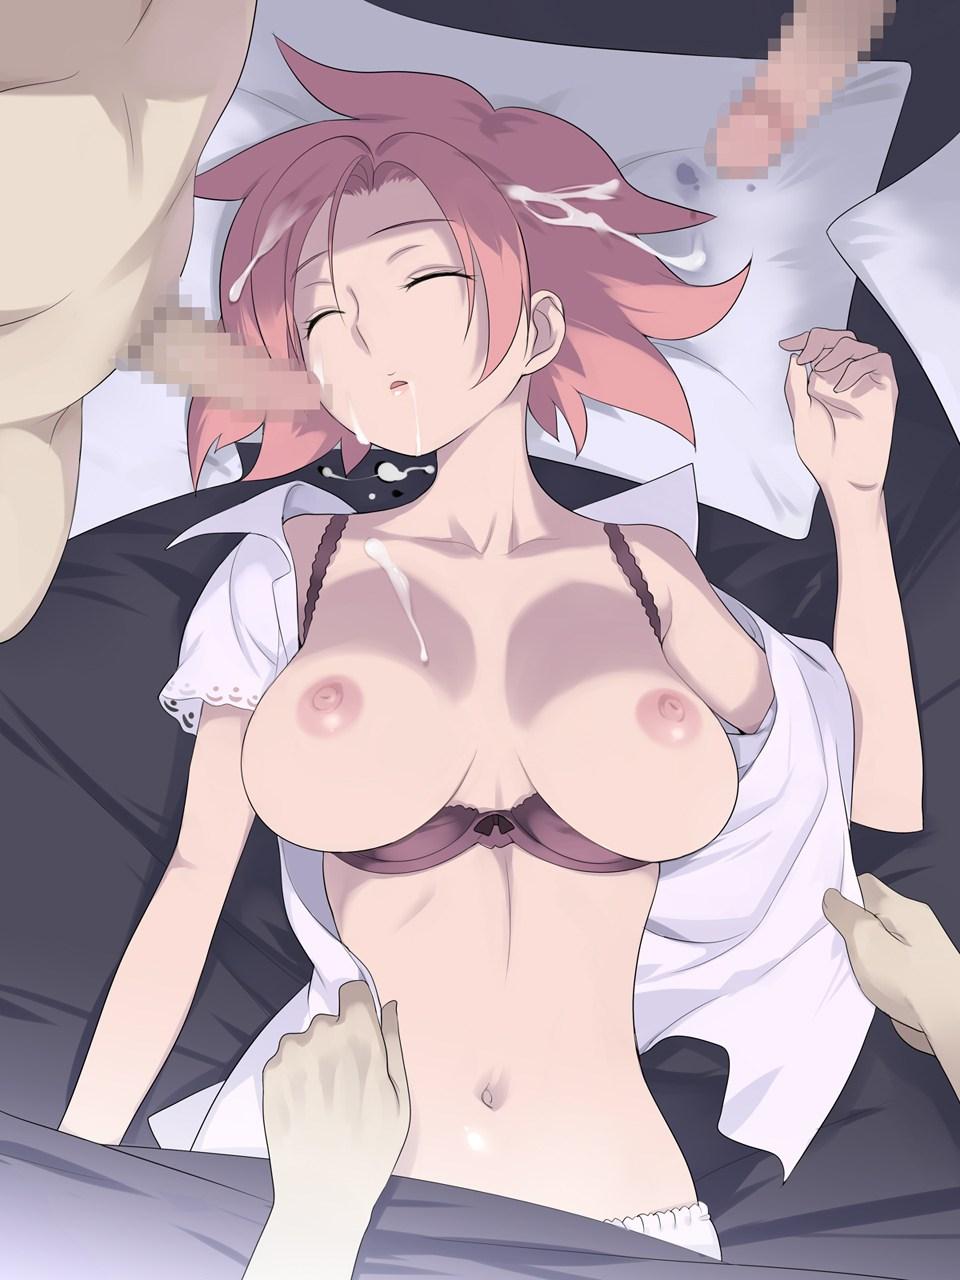 【二次エロ画像】眠りが深すぎ!ナニされても起きない爆睡中の美少女たちwww 02